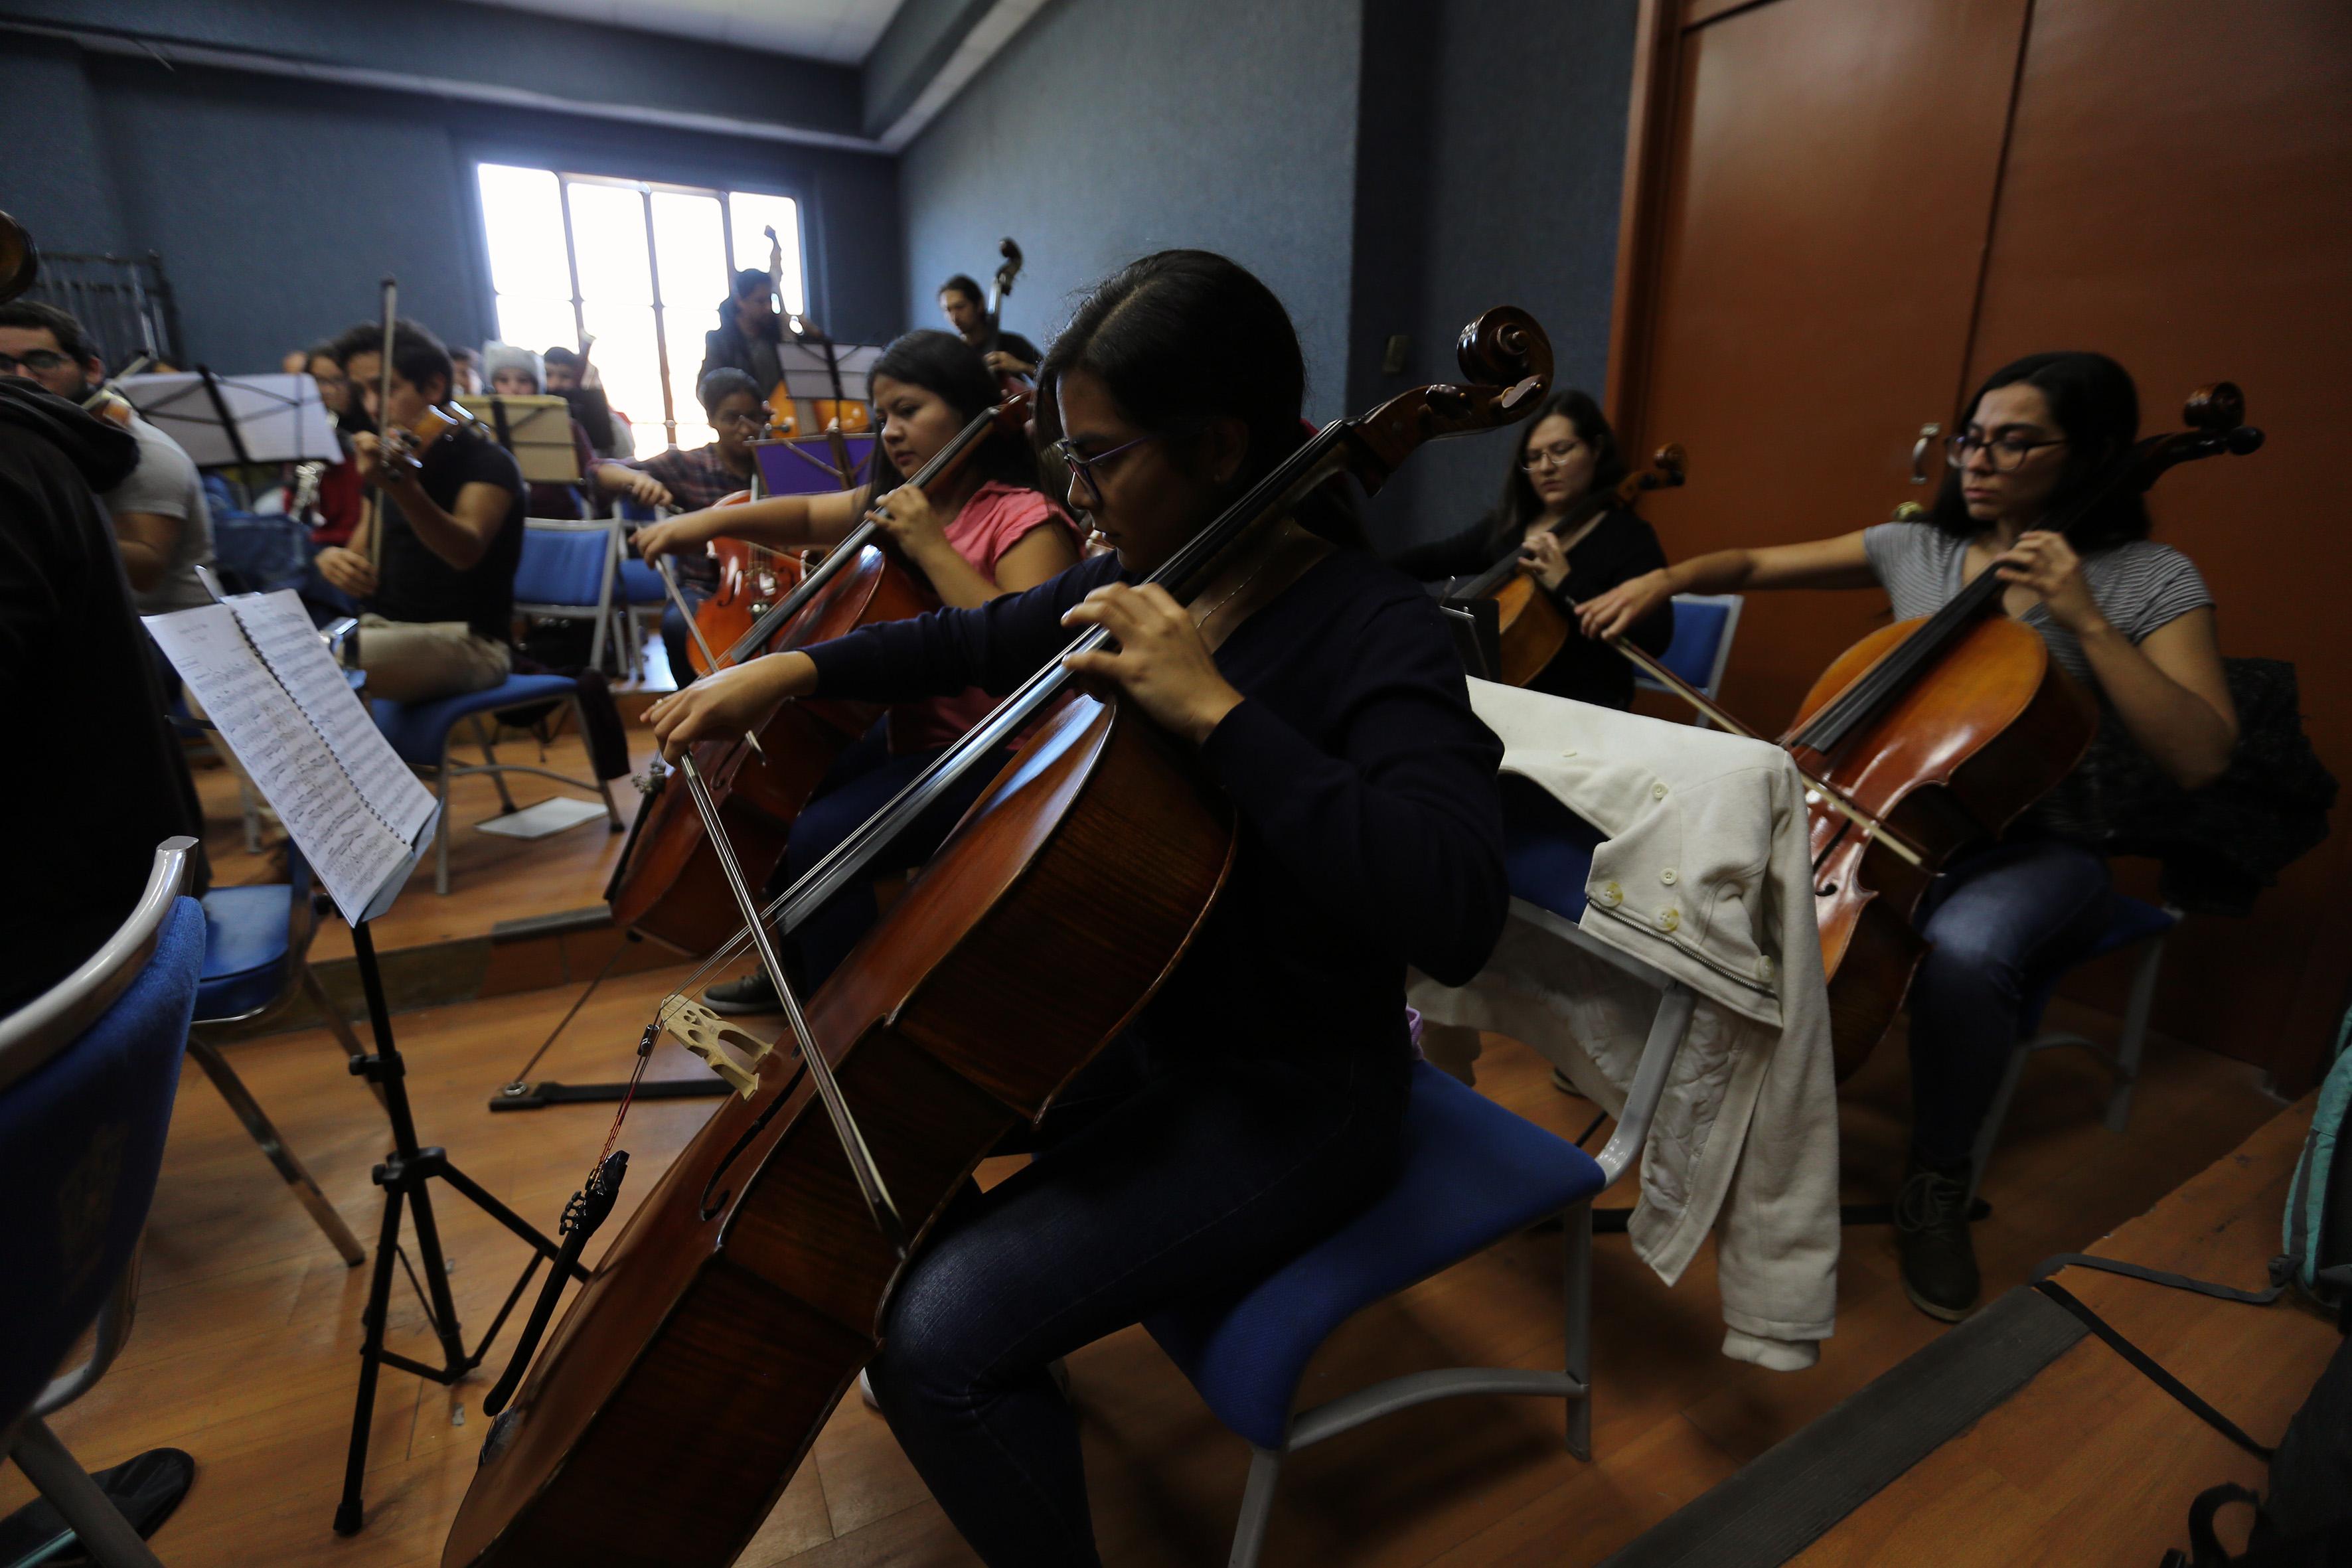 Estudiantes de Música tocando violonchelo